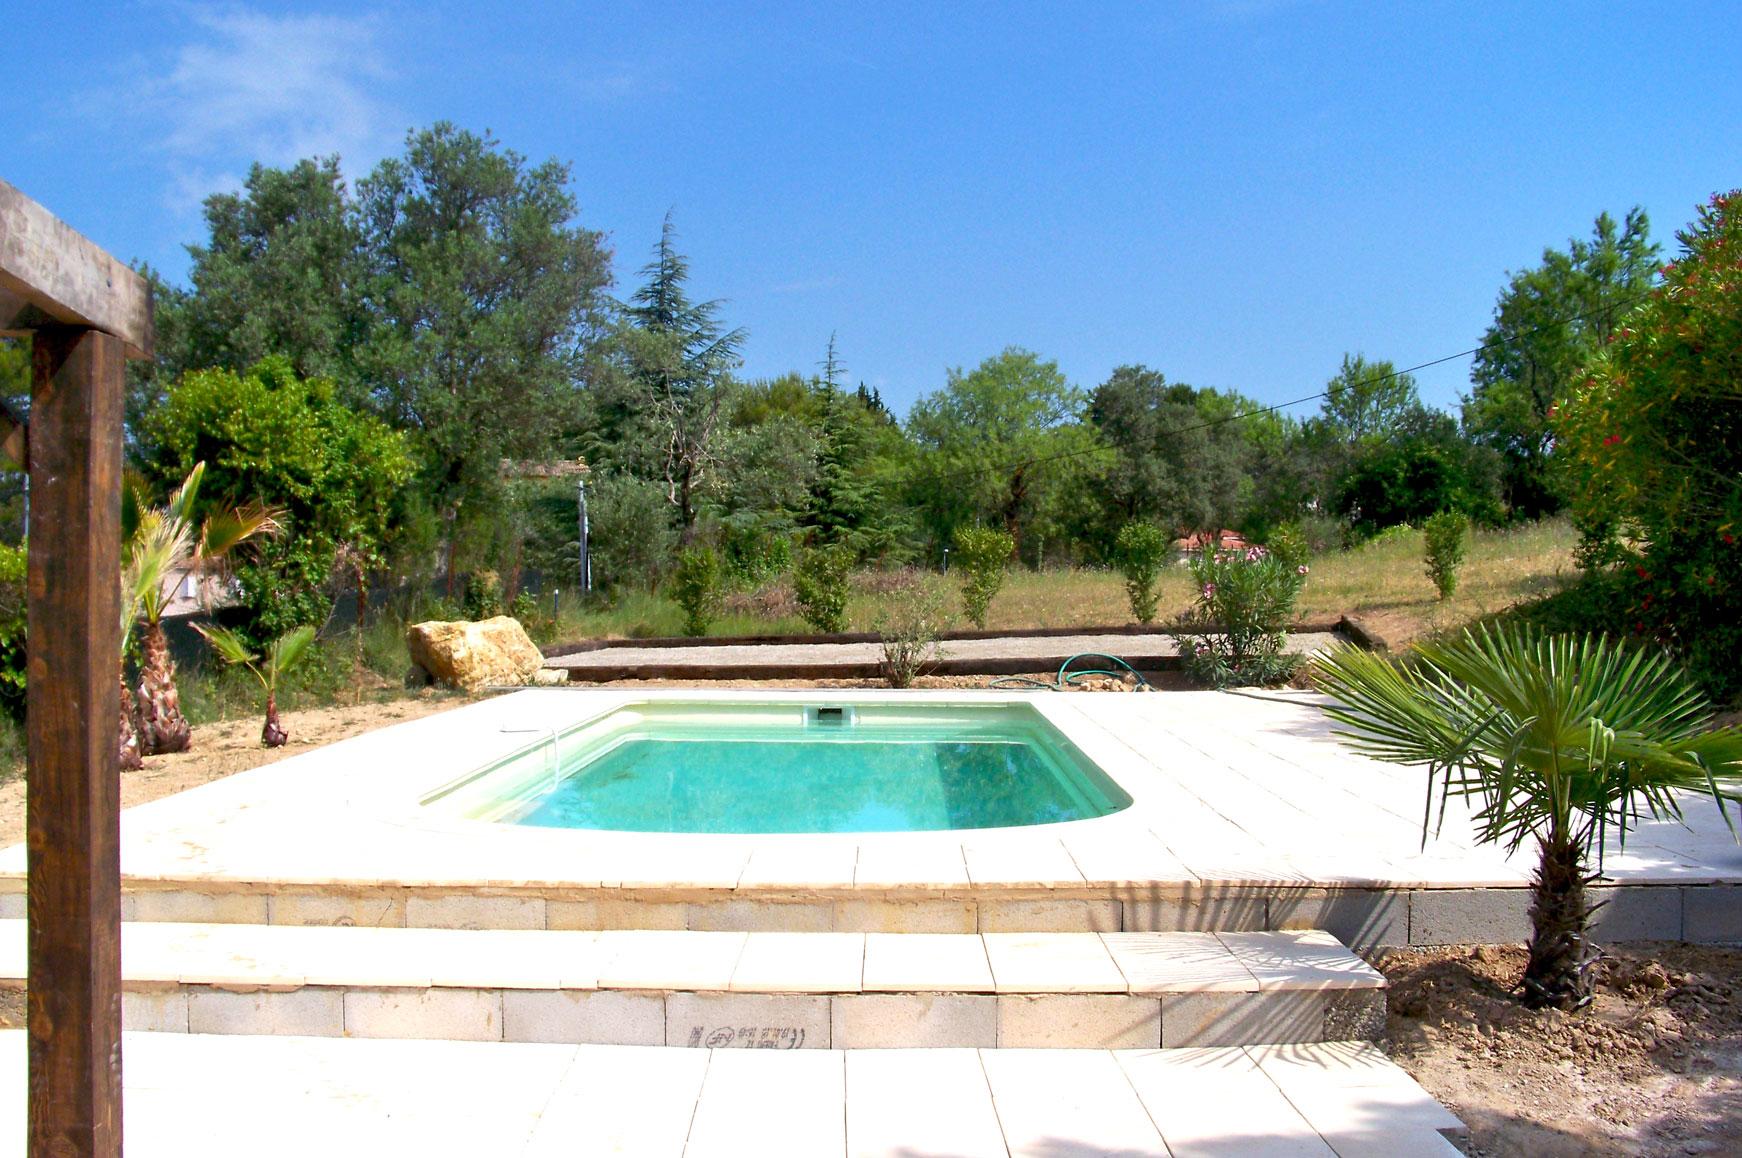 piscine-le-domaine-lorgues.jpg